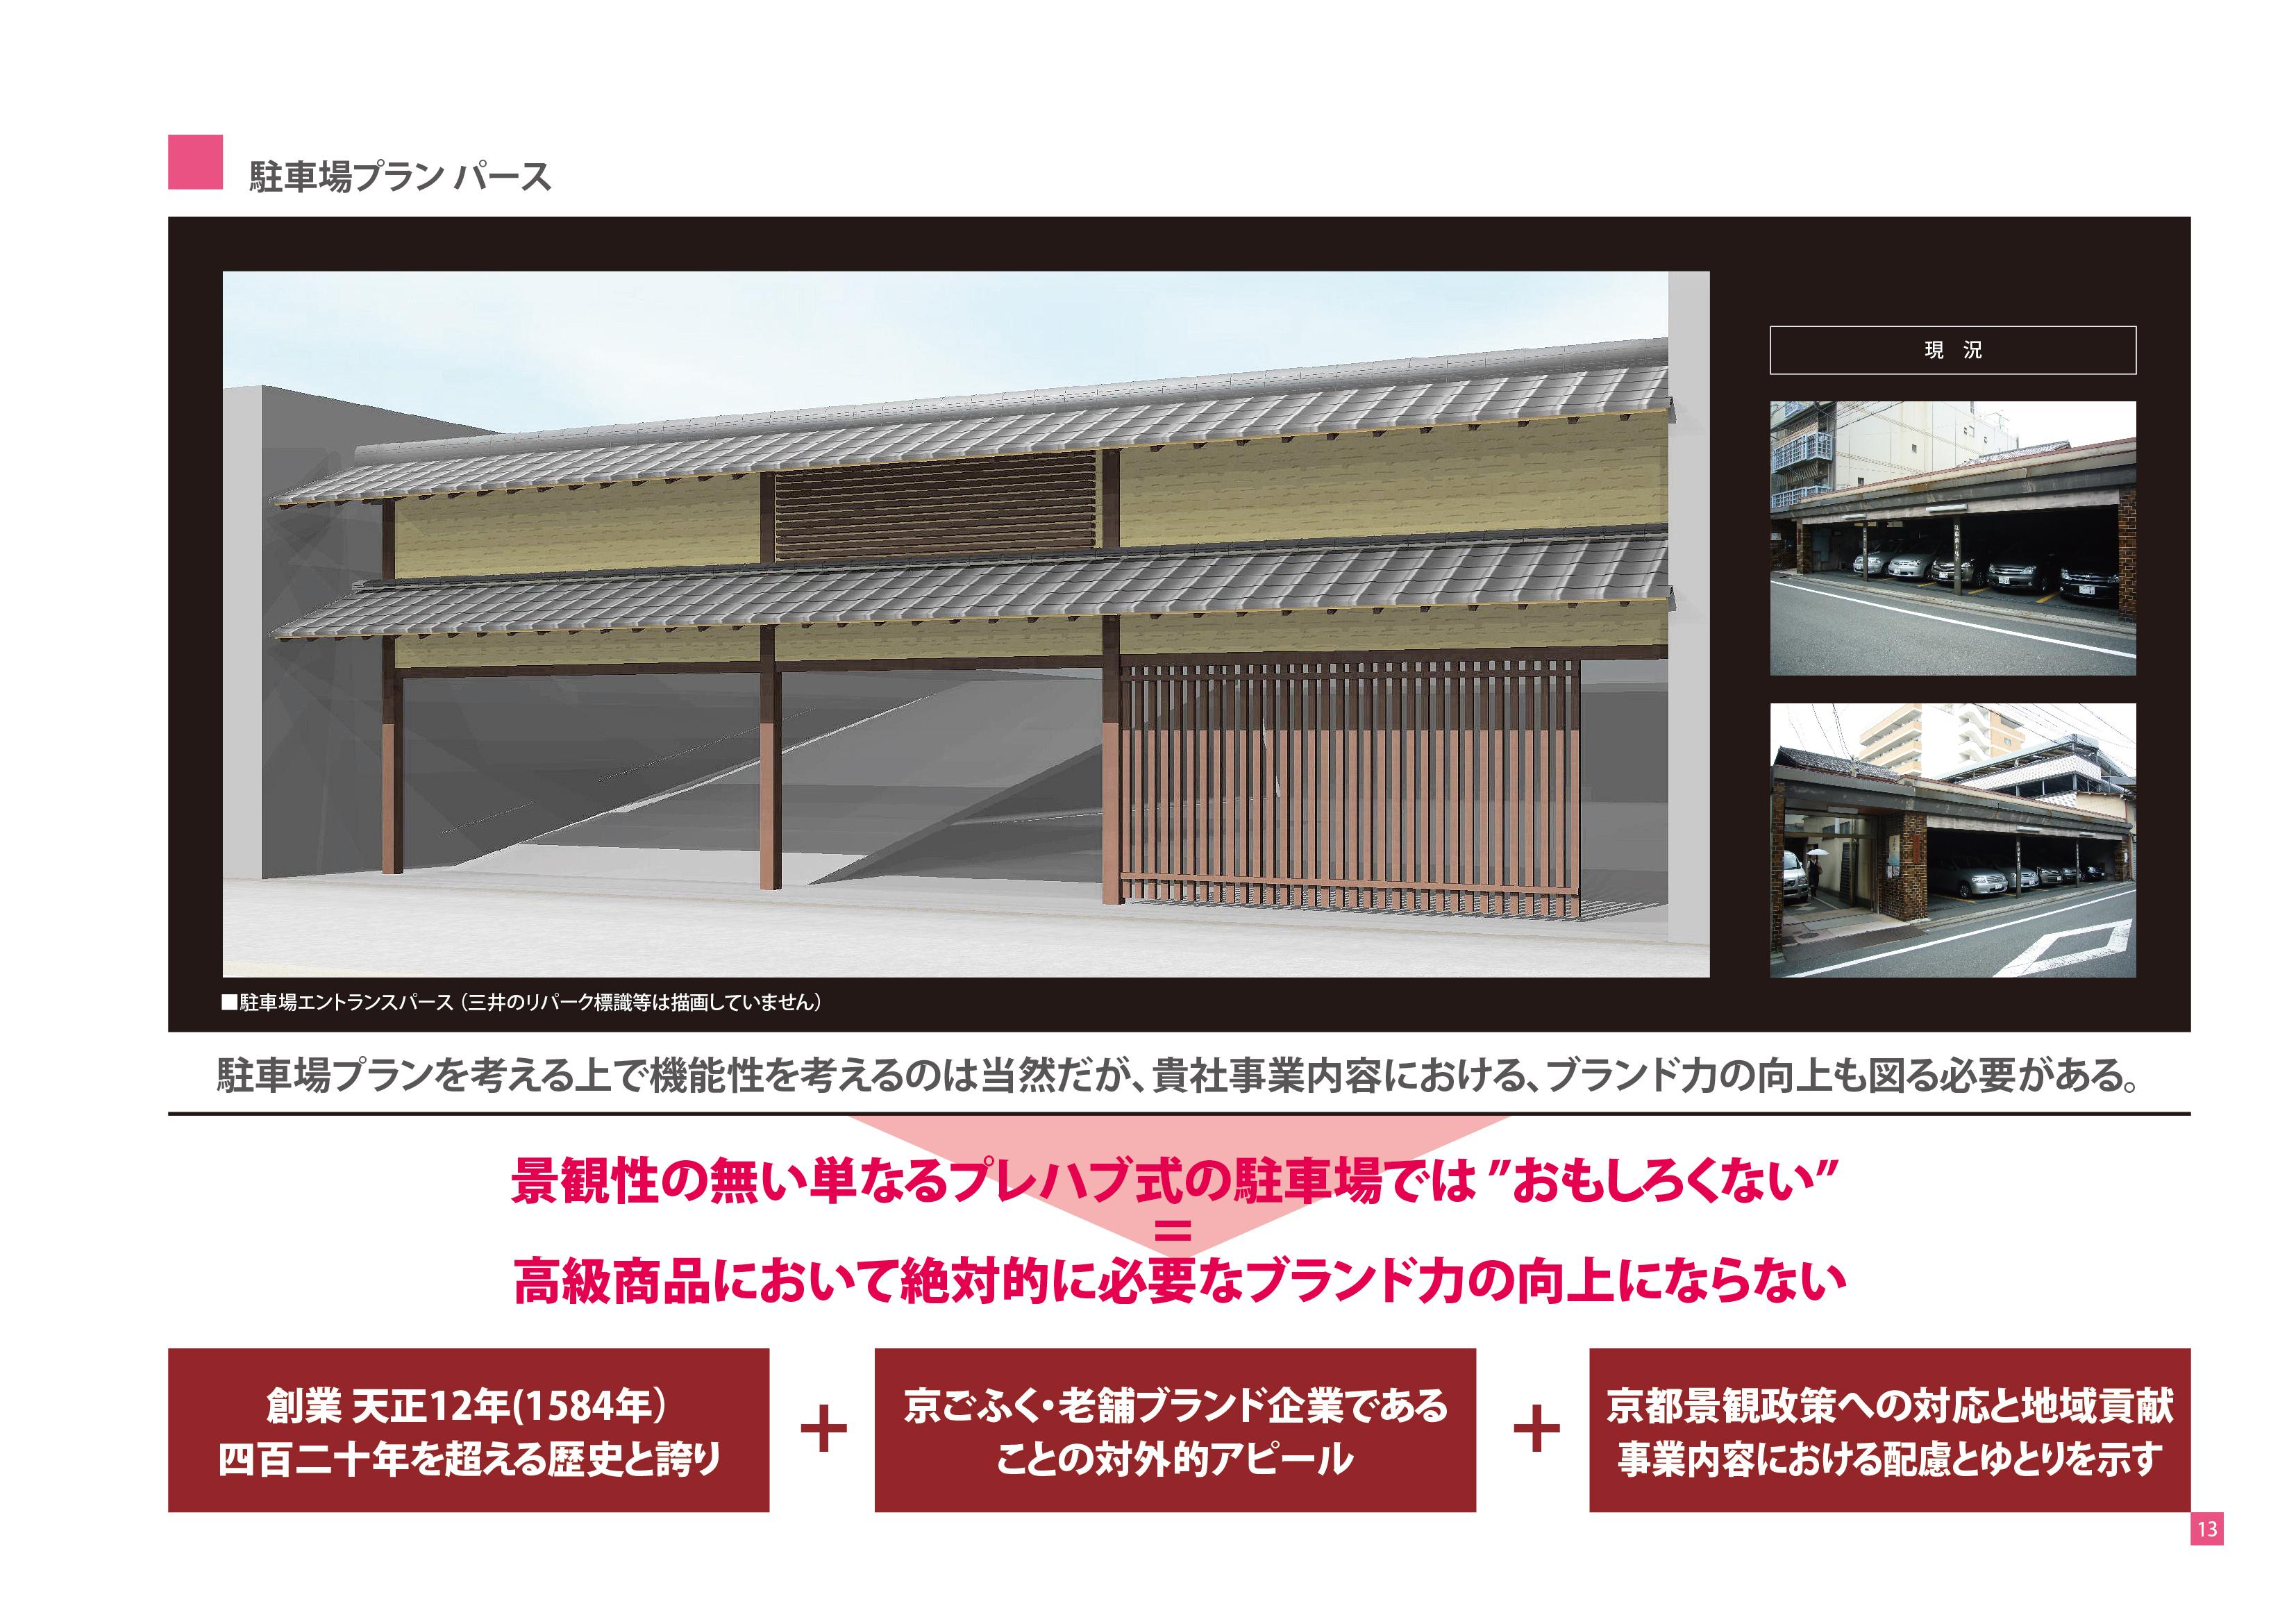 土地有効活用プロジェクト-駐車場経営のご提案-駐車場プラン パース